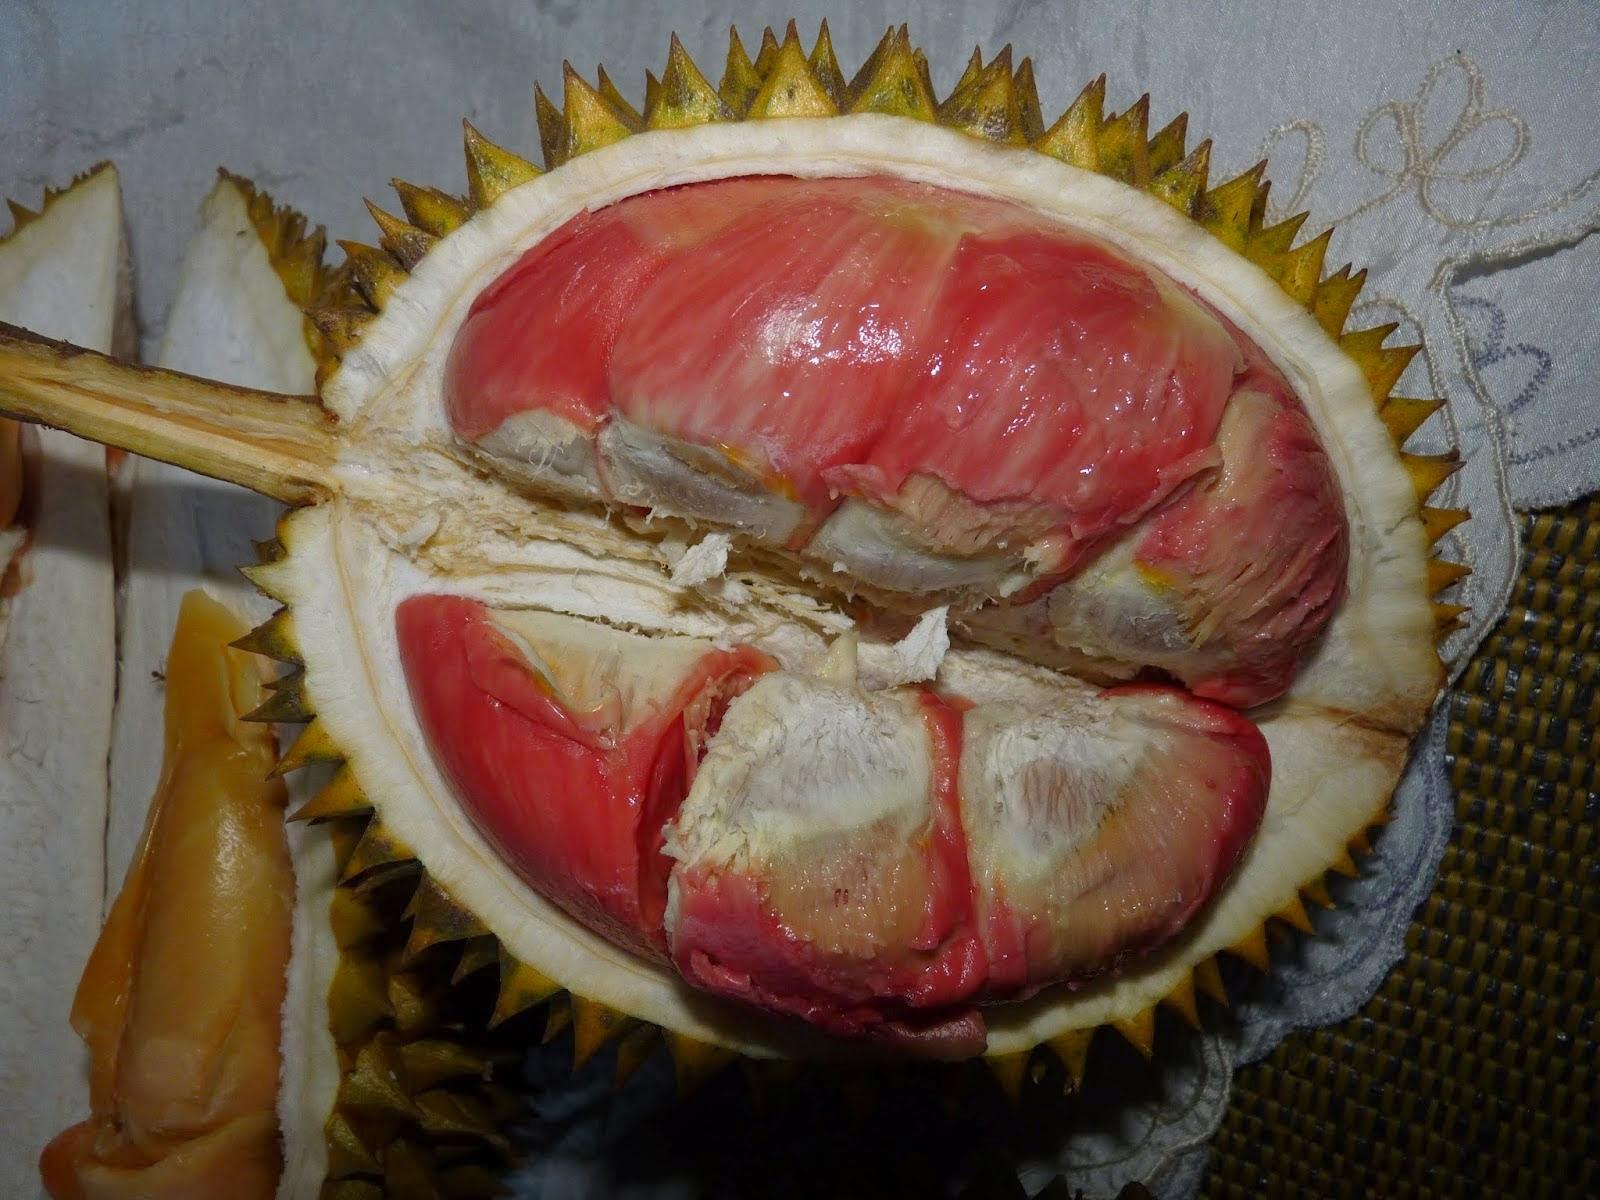 Buah yang memiliki aroma khas  dan kelembutan isi buahnya menciptakan banyak orang suka deng Durian Merah Banyuwangi yang Unik